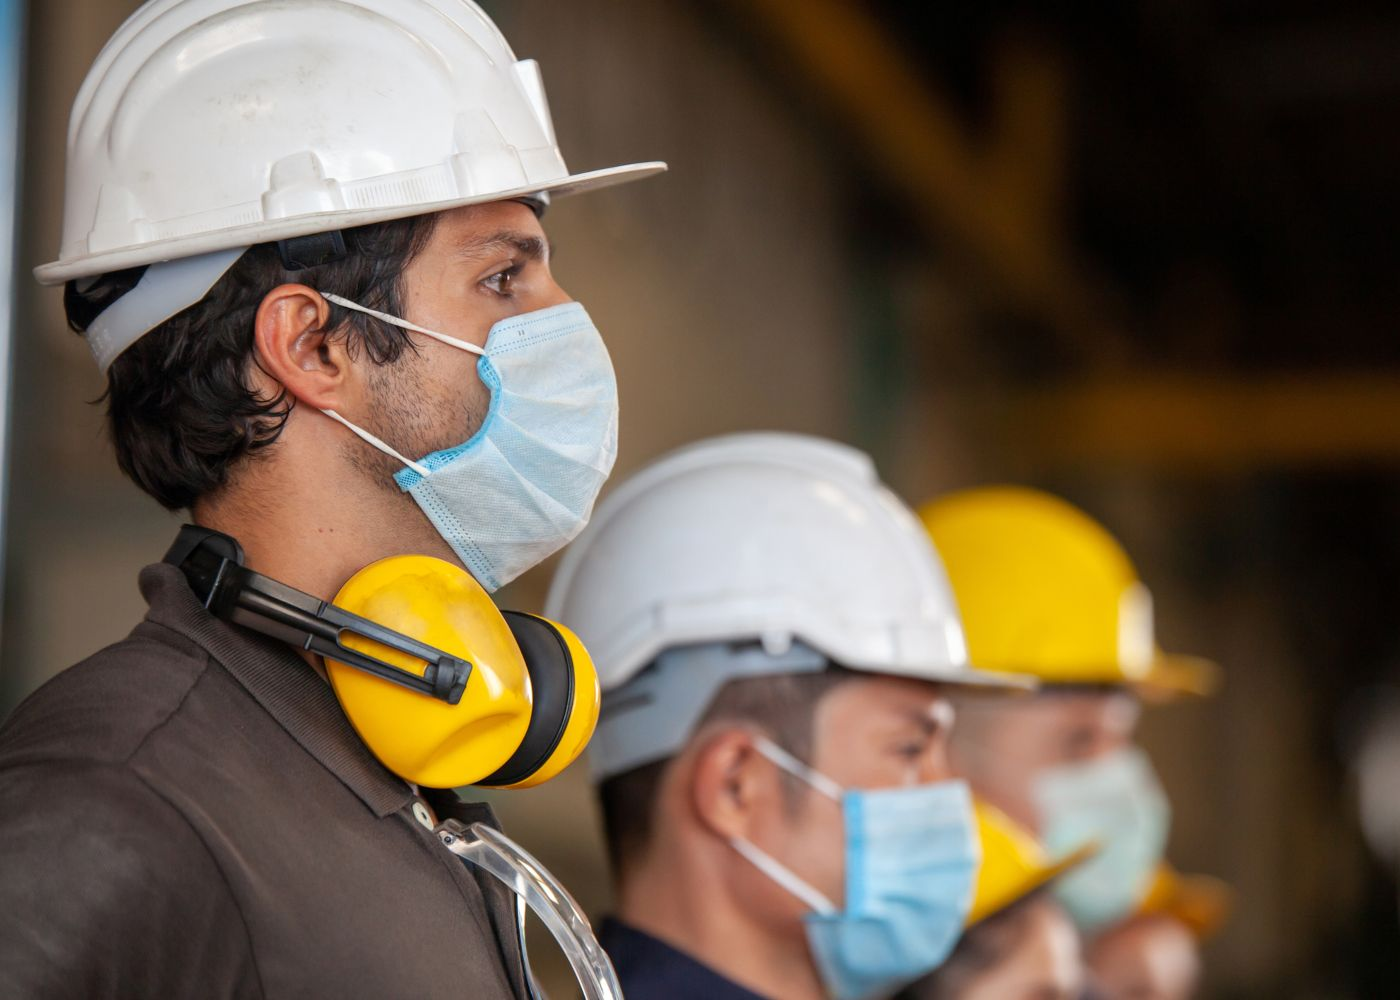 equipa alinhada e equipada com equipamentos de proteção individual